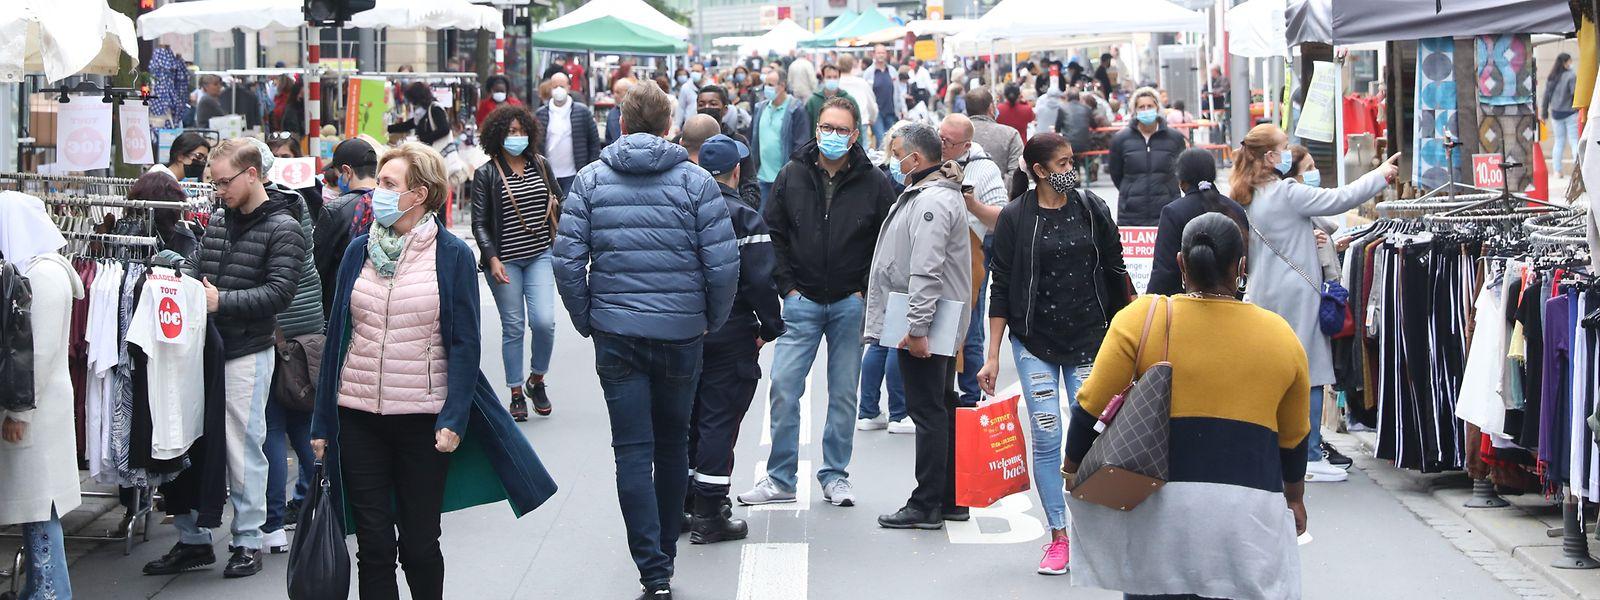 Die Coronakrise wirkt sich auch auf das Stadtbild aus - das konnten Braderie-Besucher am Montag sehen.